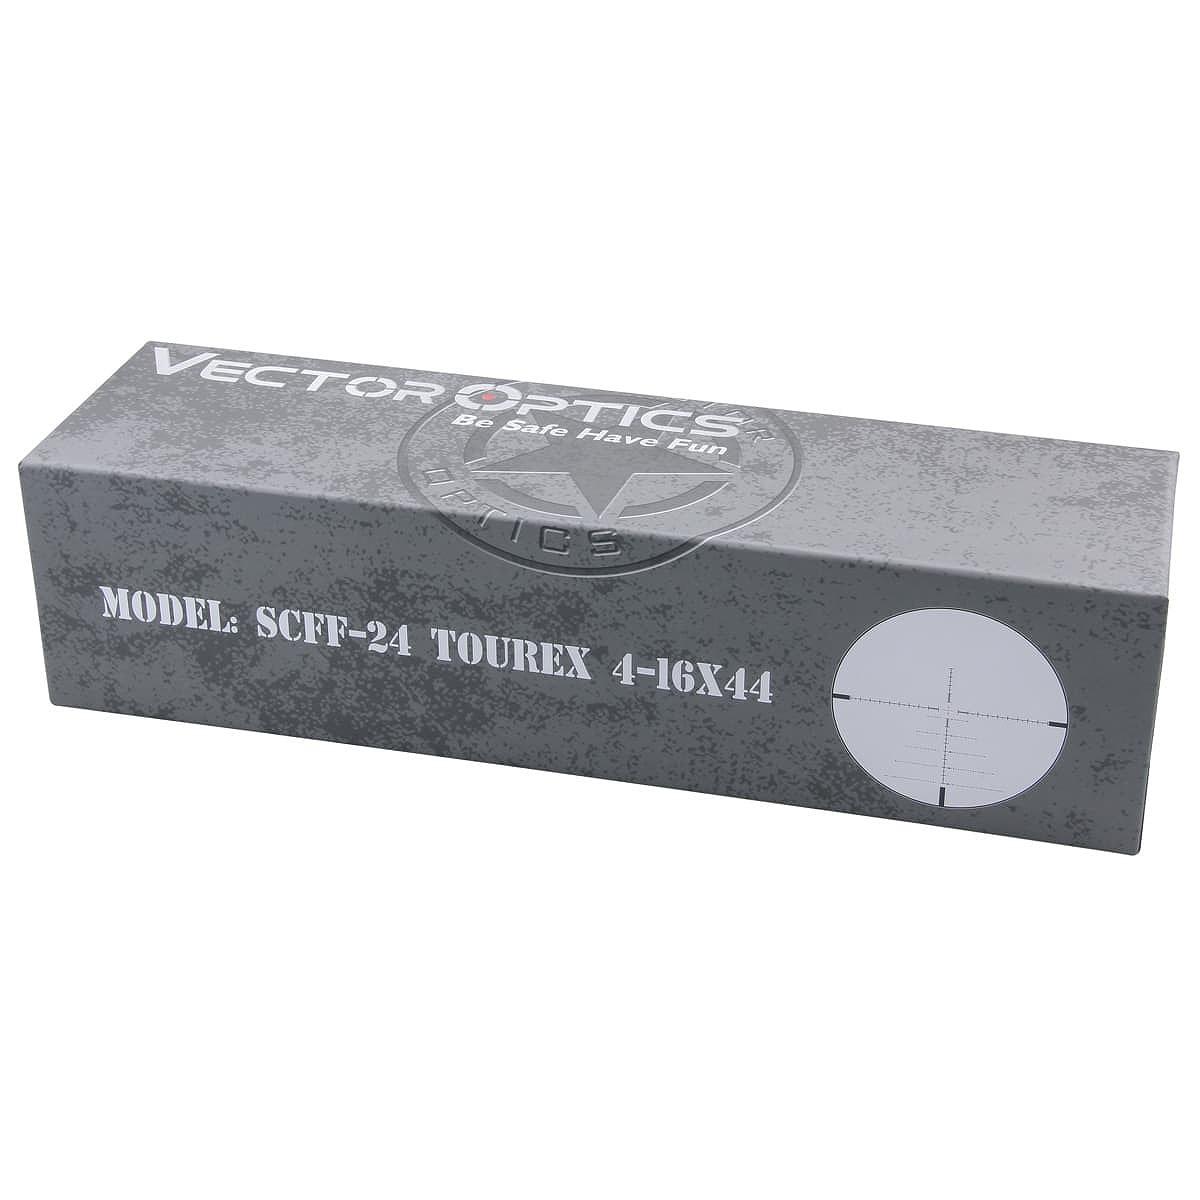 【お届け予定日: 6月30日】ベクターオプティクス ライフルスコープ Tourex 4-16x44  Vector Optics SCFF-24